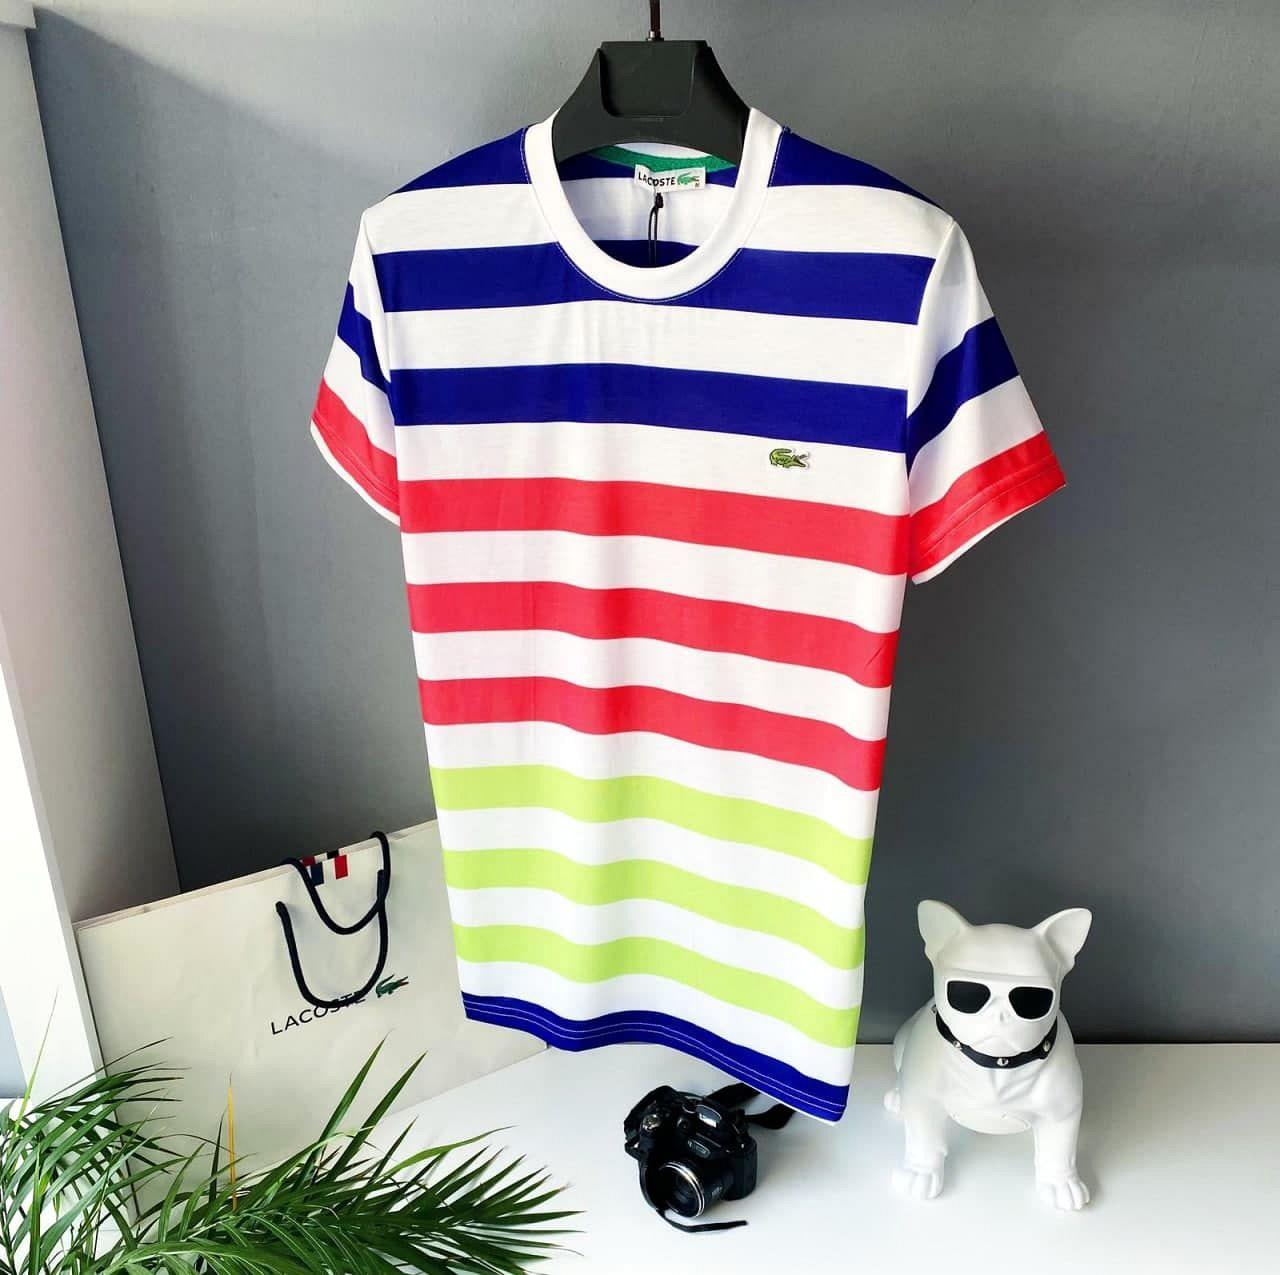 Мужская разноцветная футболка, лакост